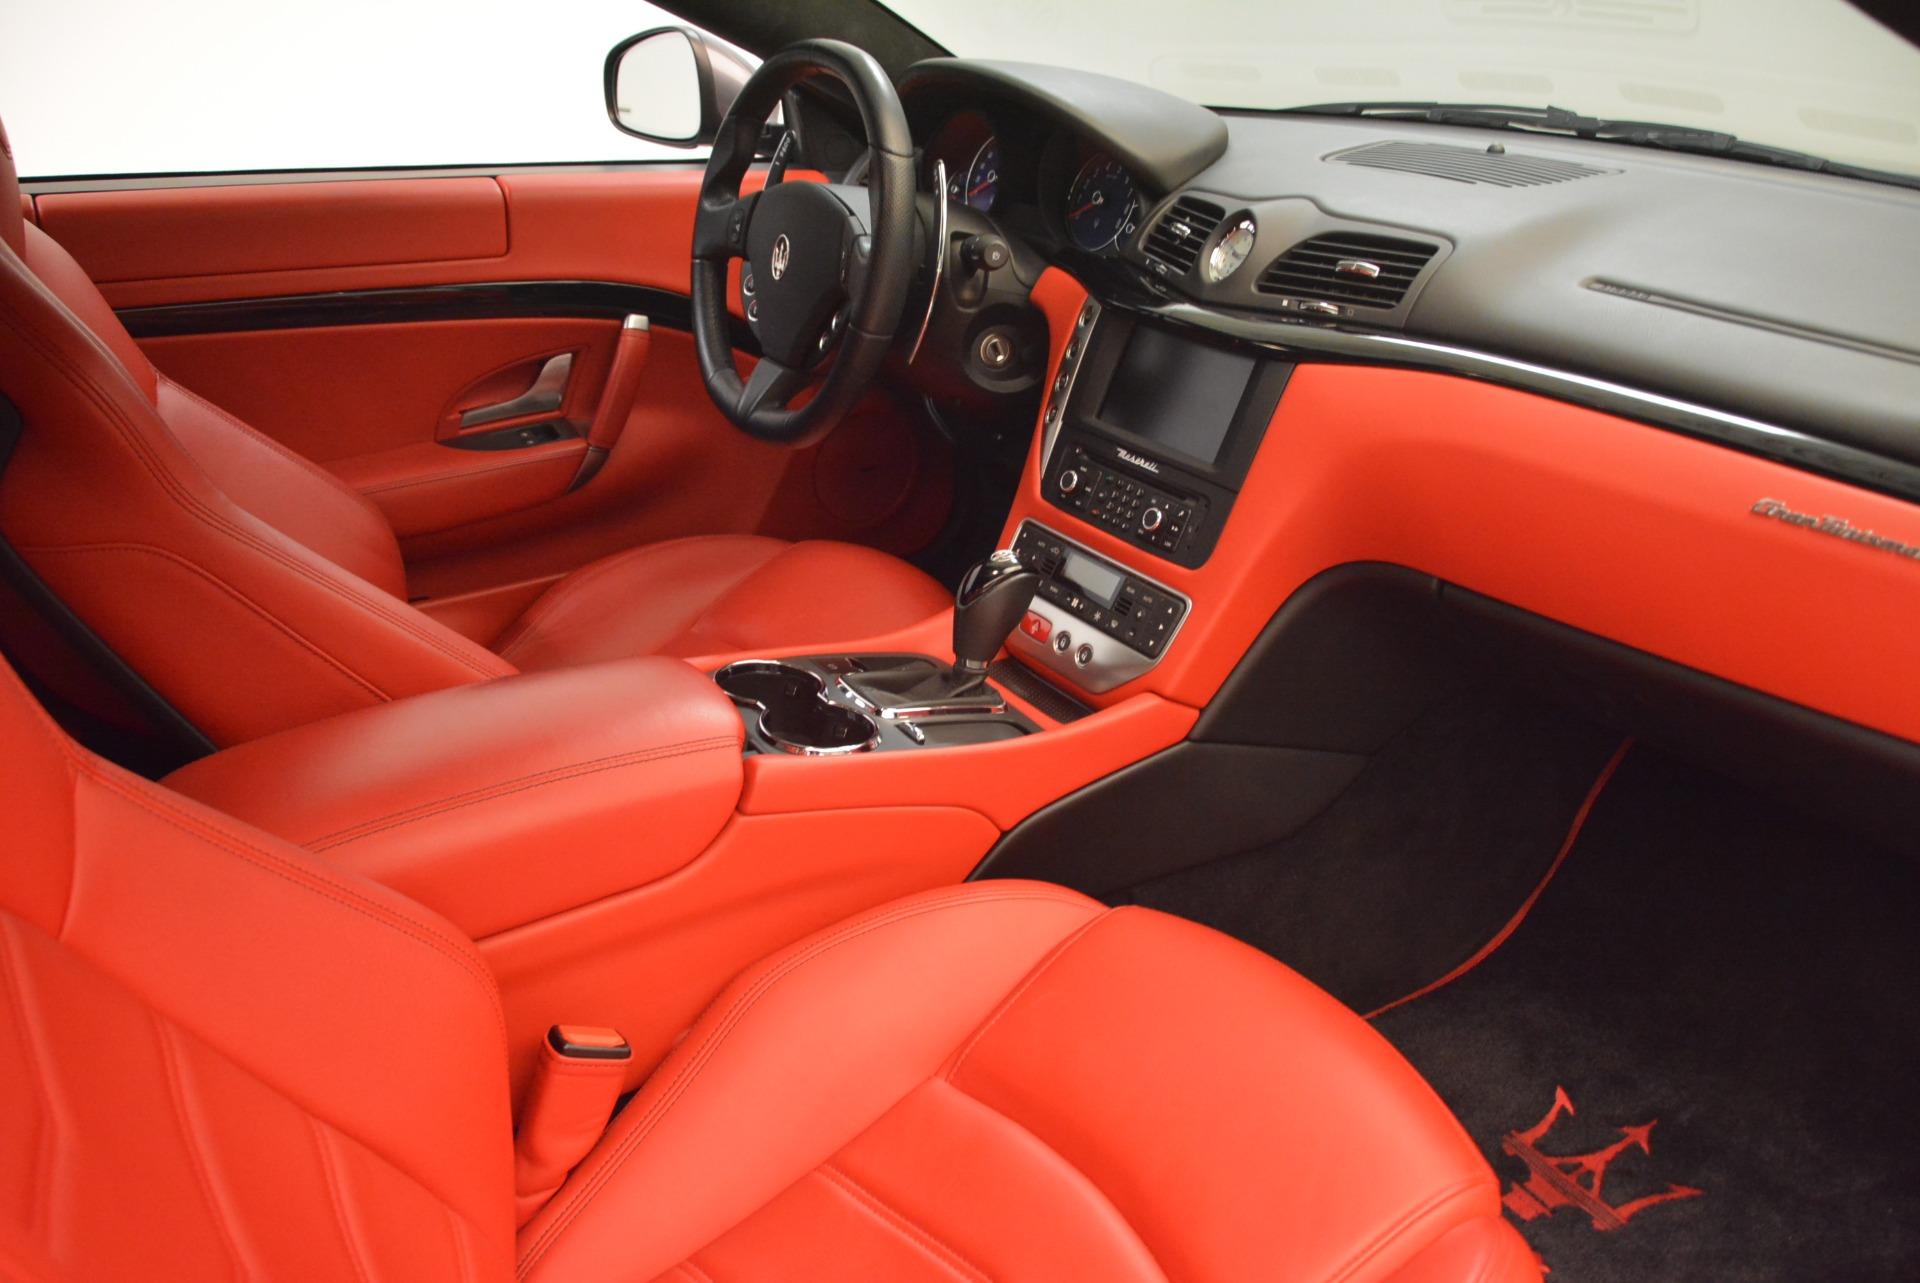 Used 2014 Maserati GranTurismo Sport For Sale In Westport, CT 2131_p17